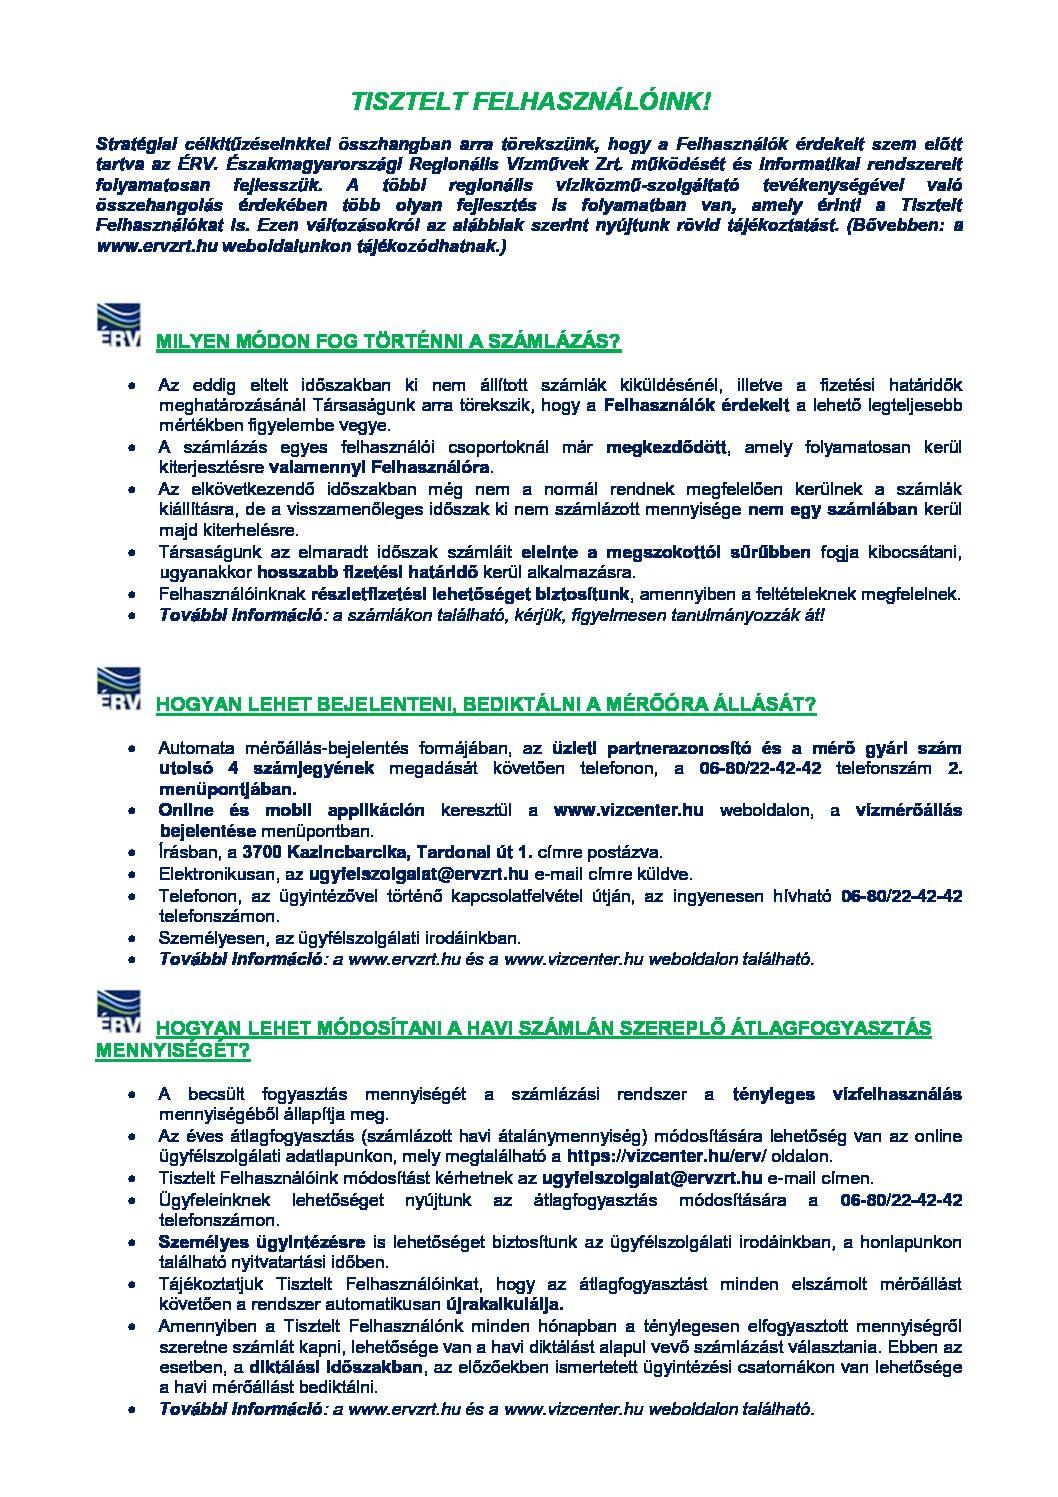 ÉRV. Zrt. ügyintézéssel kapcsolatos tájékoztatók